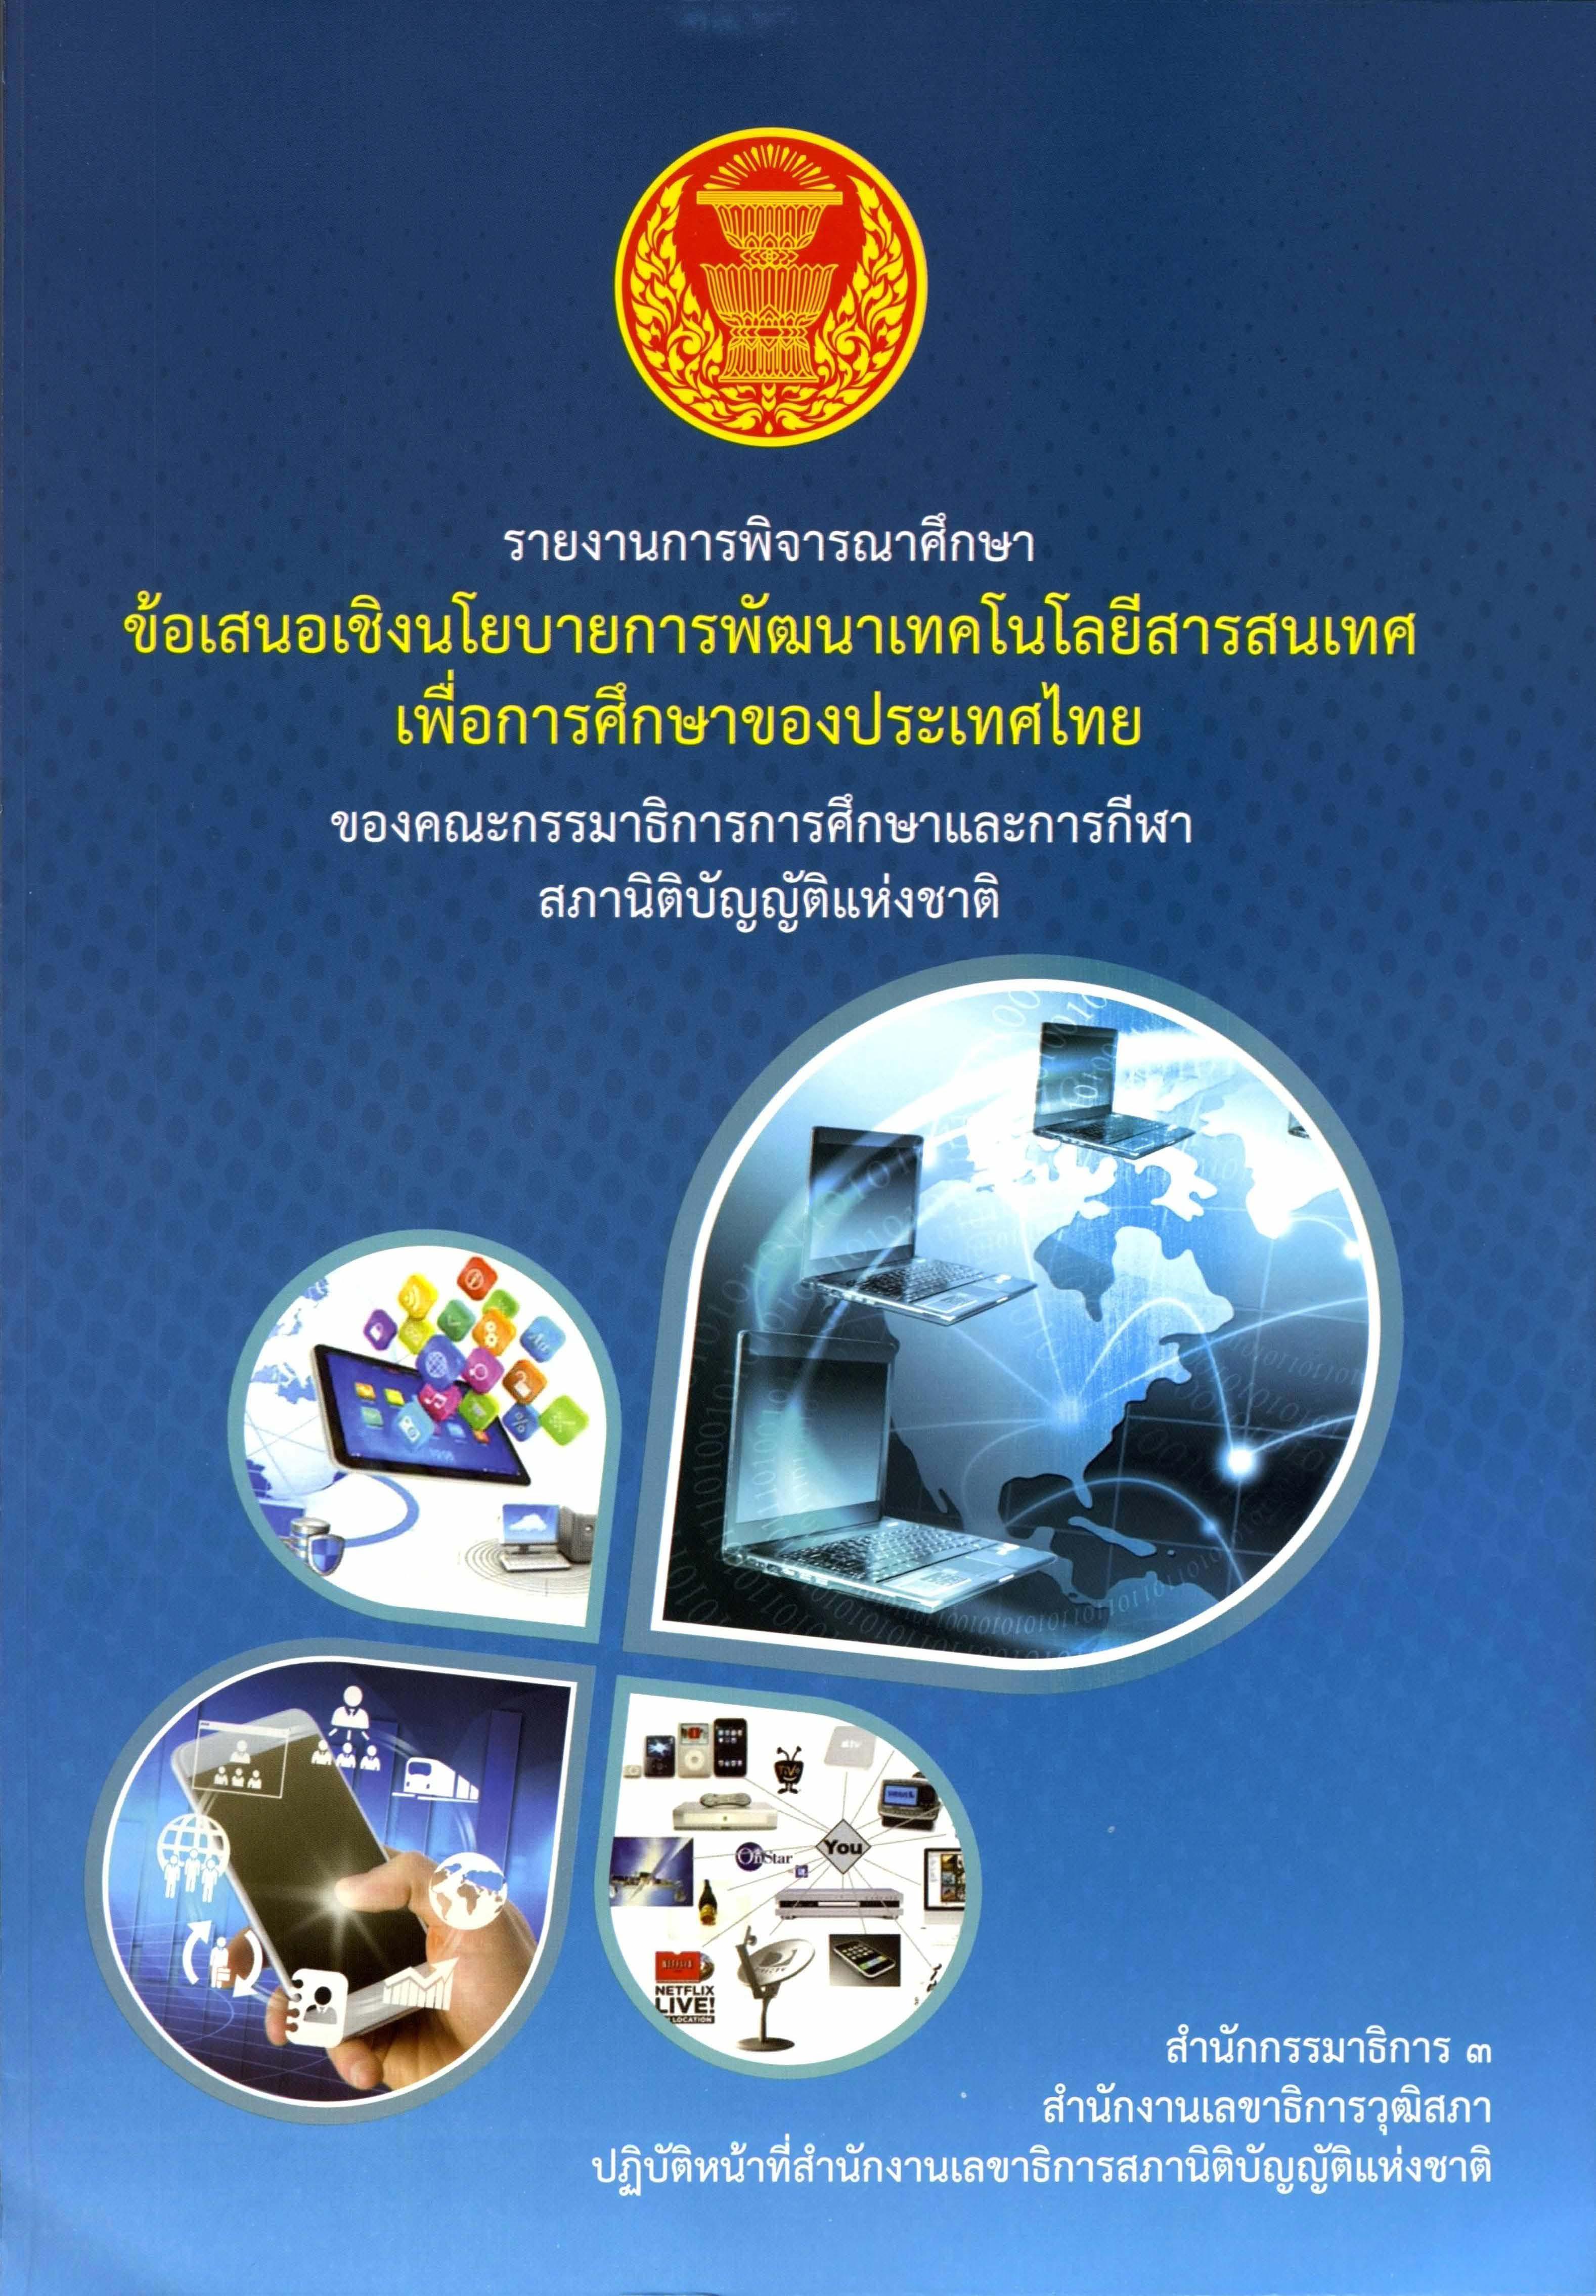 รายงานการพิจารณาศึกษา เรื่อง ข้อเสนอเชิงนโยบายการพัฒนาเทคโนโลยีสารสนเทศเพื่อการศึกษาของประเทศไทย